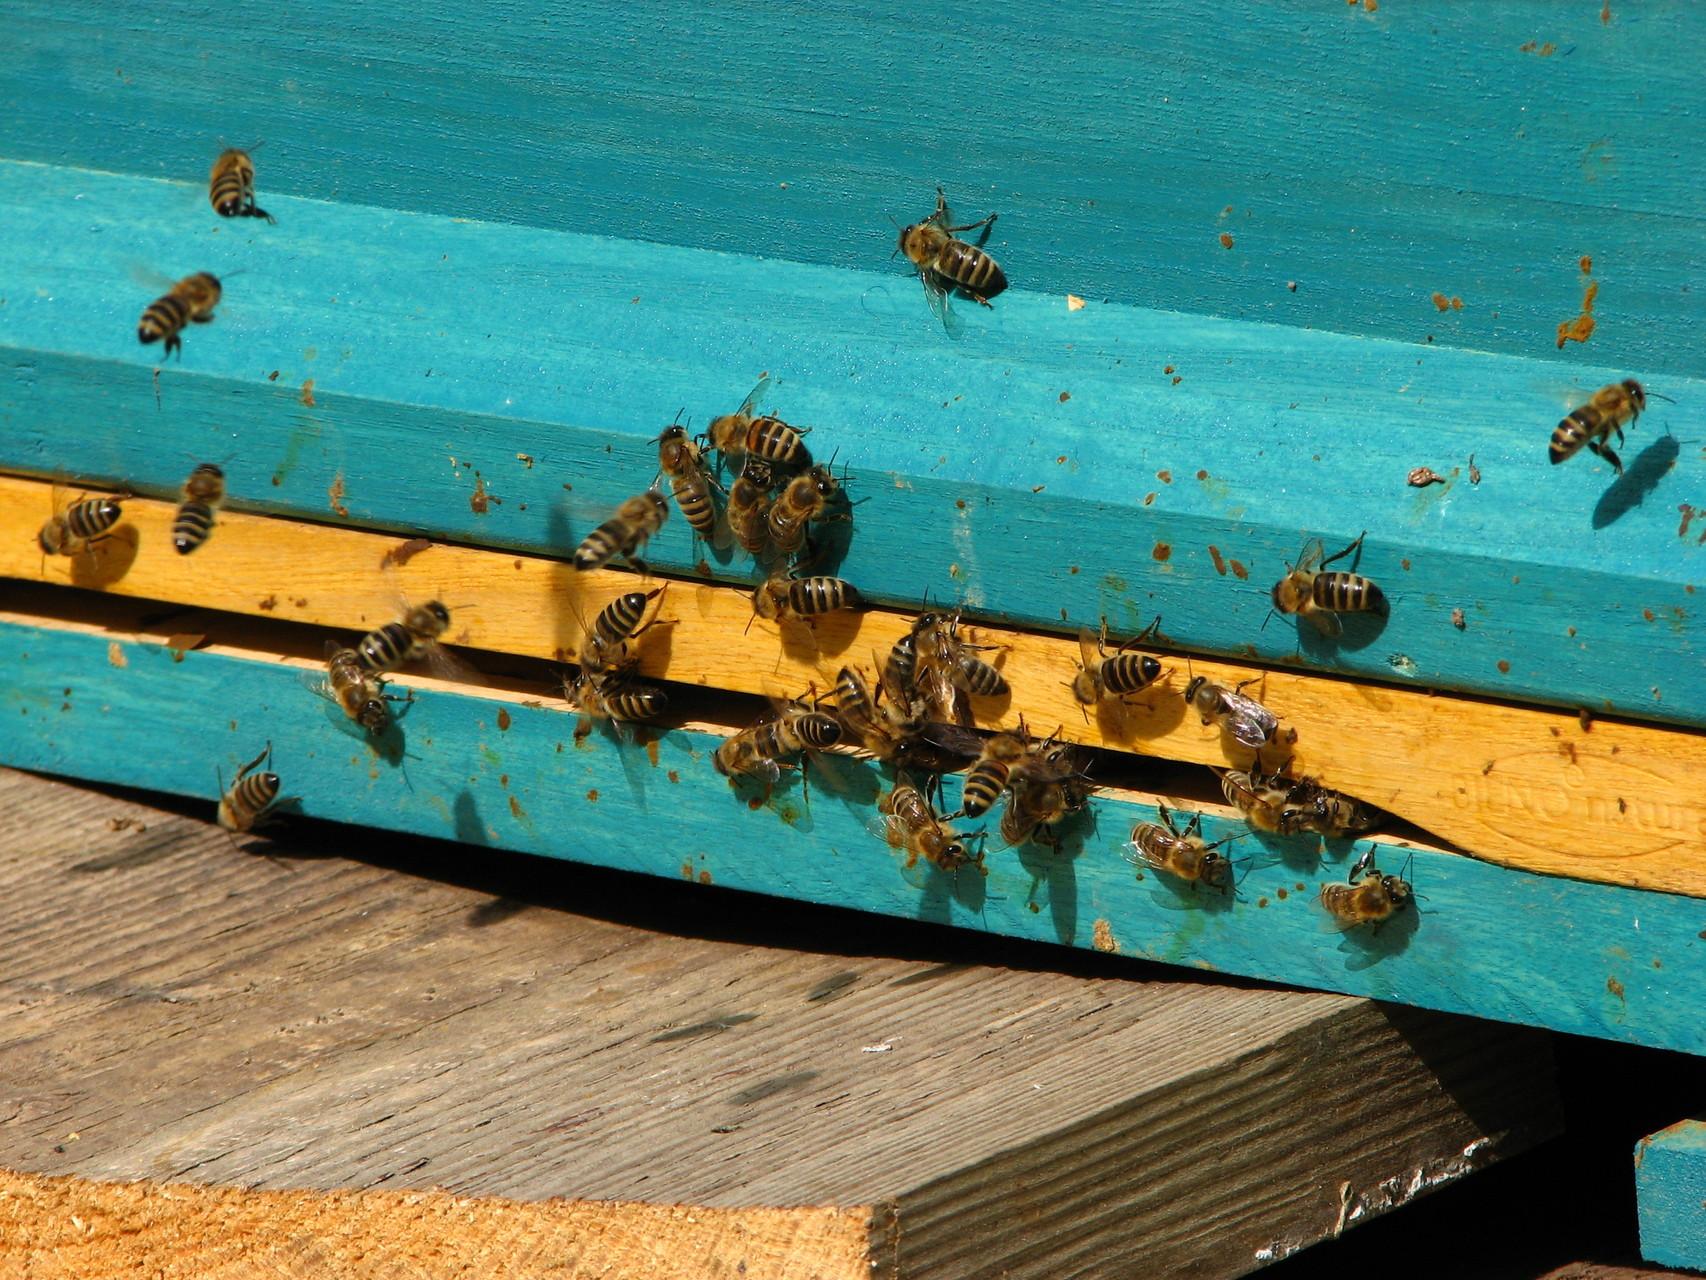 Bei Hermanns fliegen die Bienen